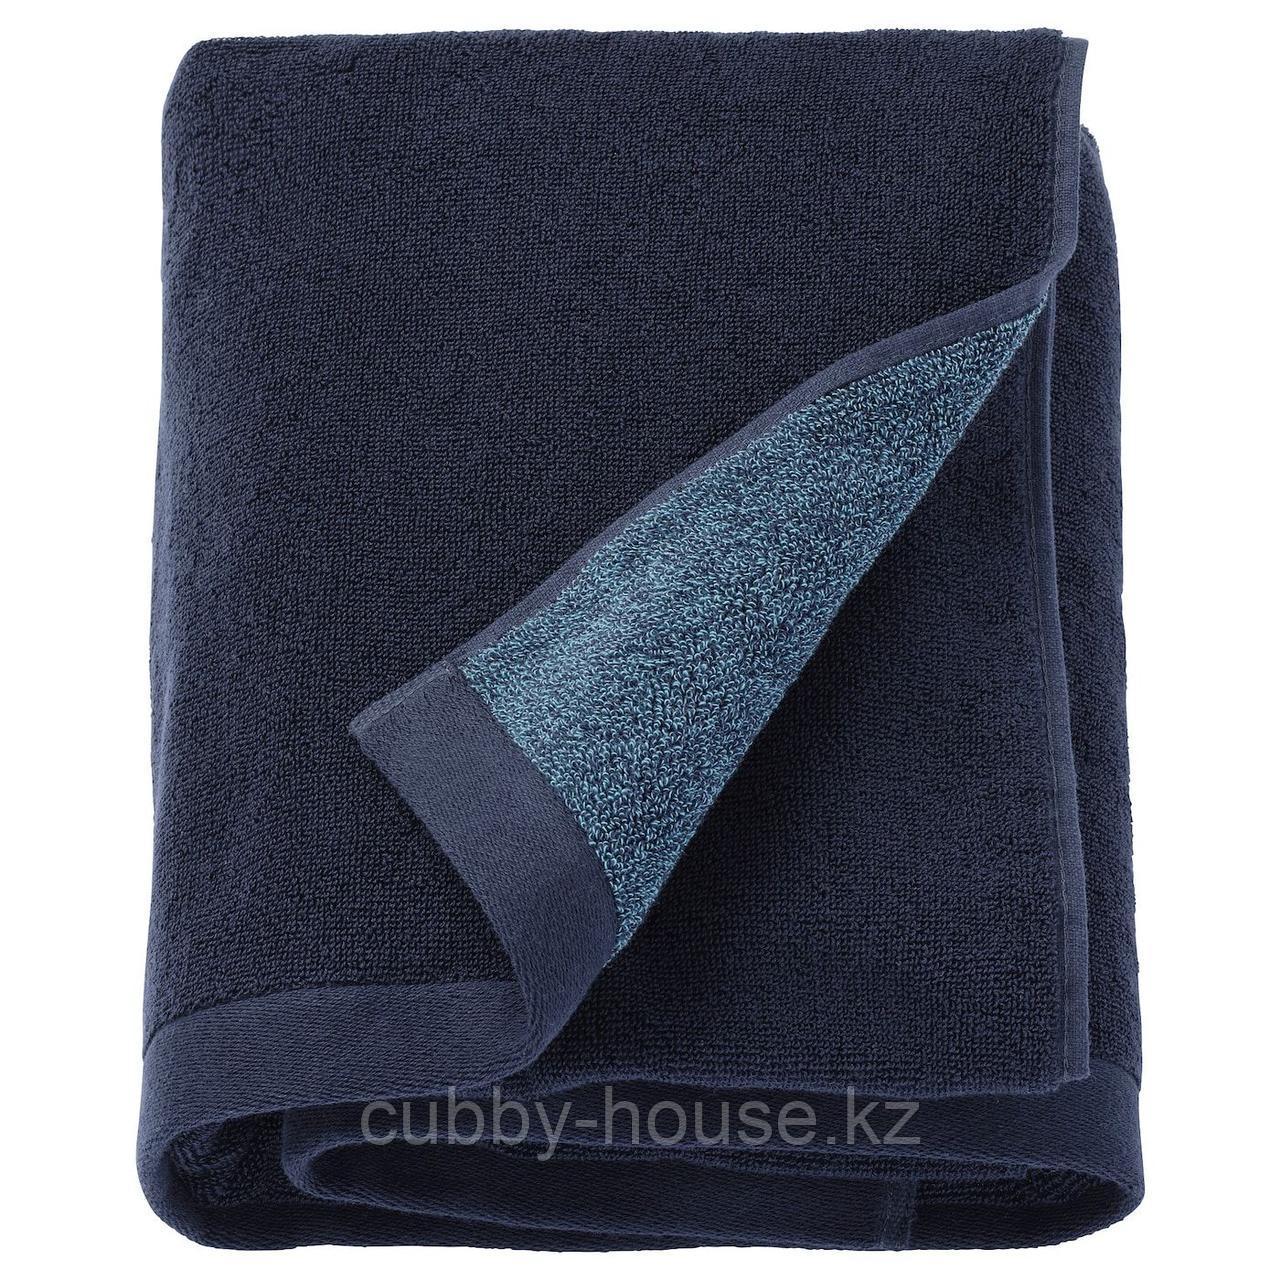 ХИМЛЕОН Простыня банная, темно-синий, меланж, 100x150 см